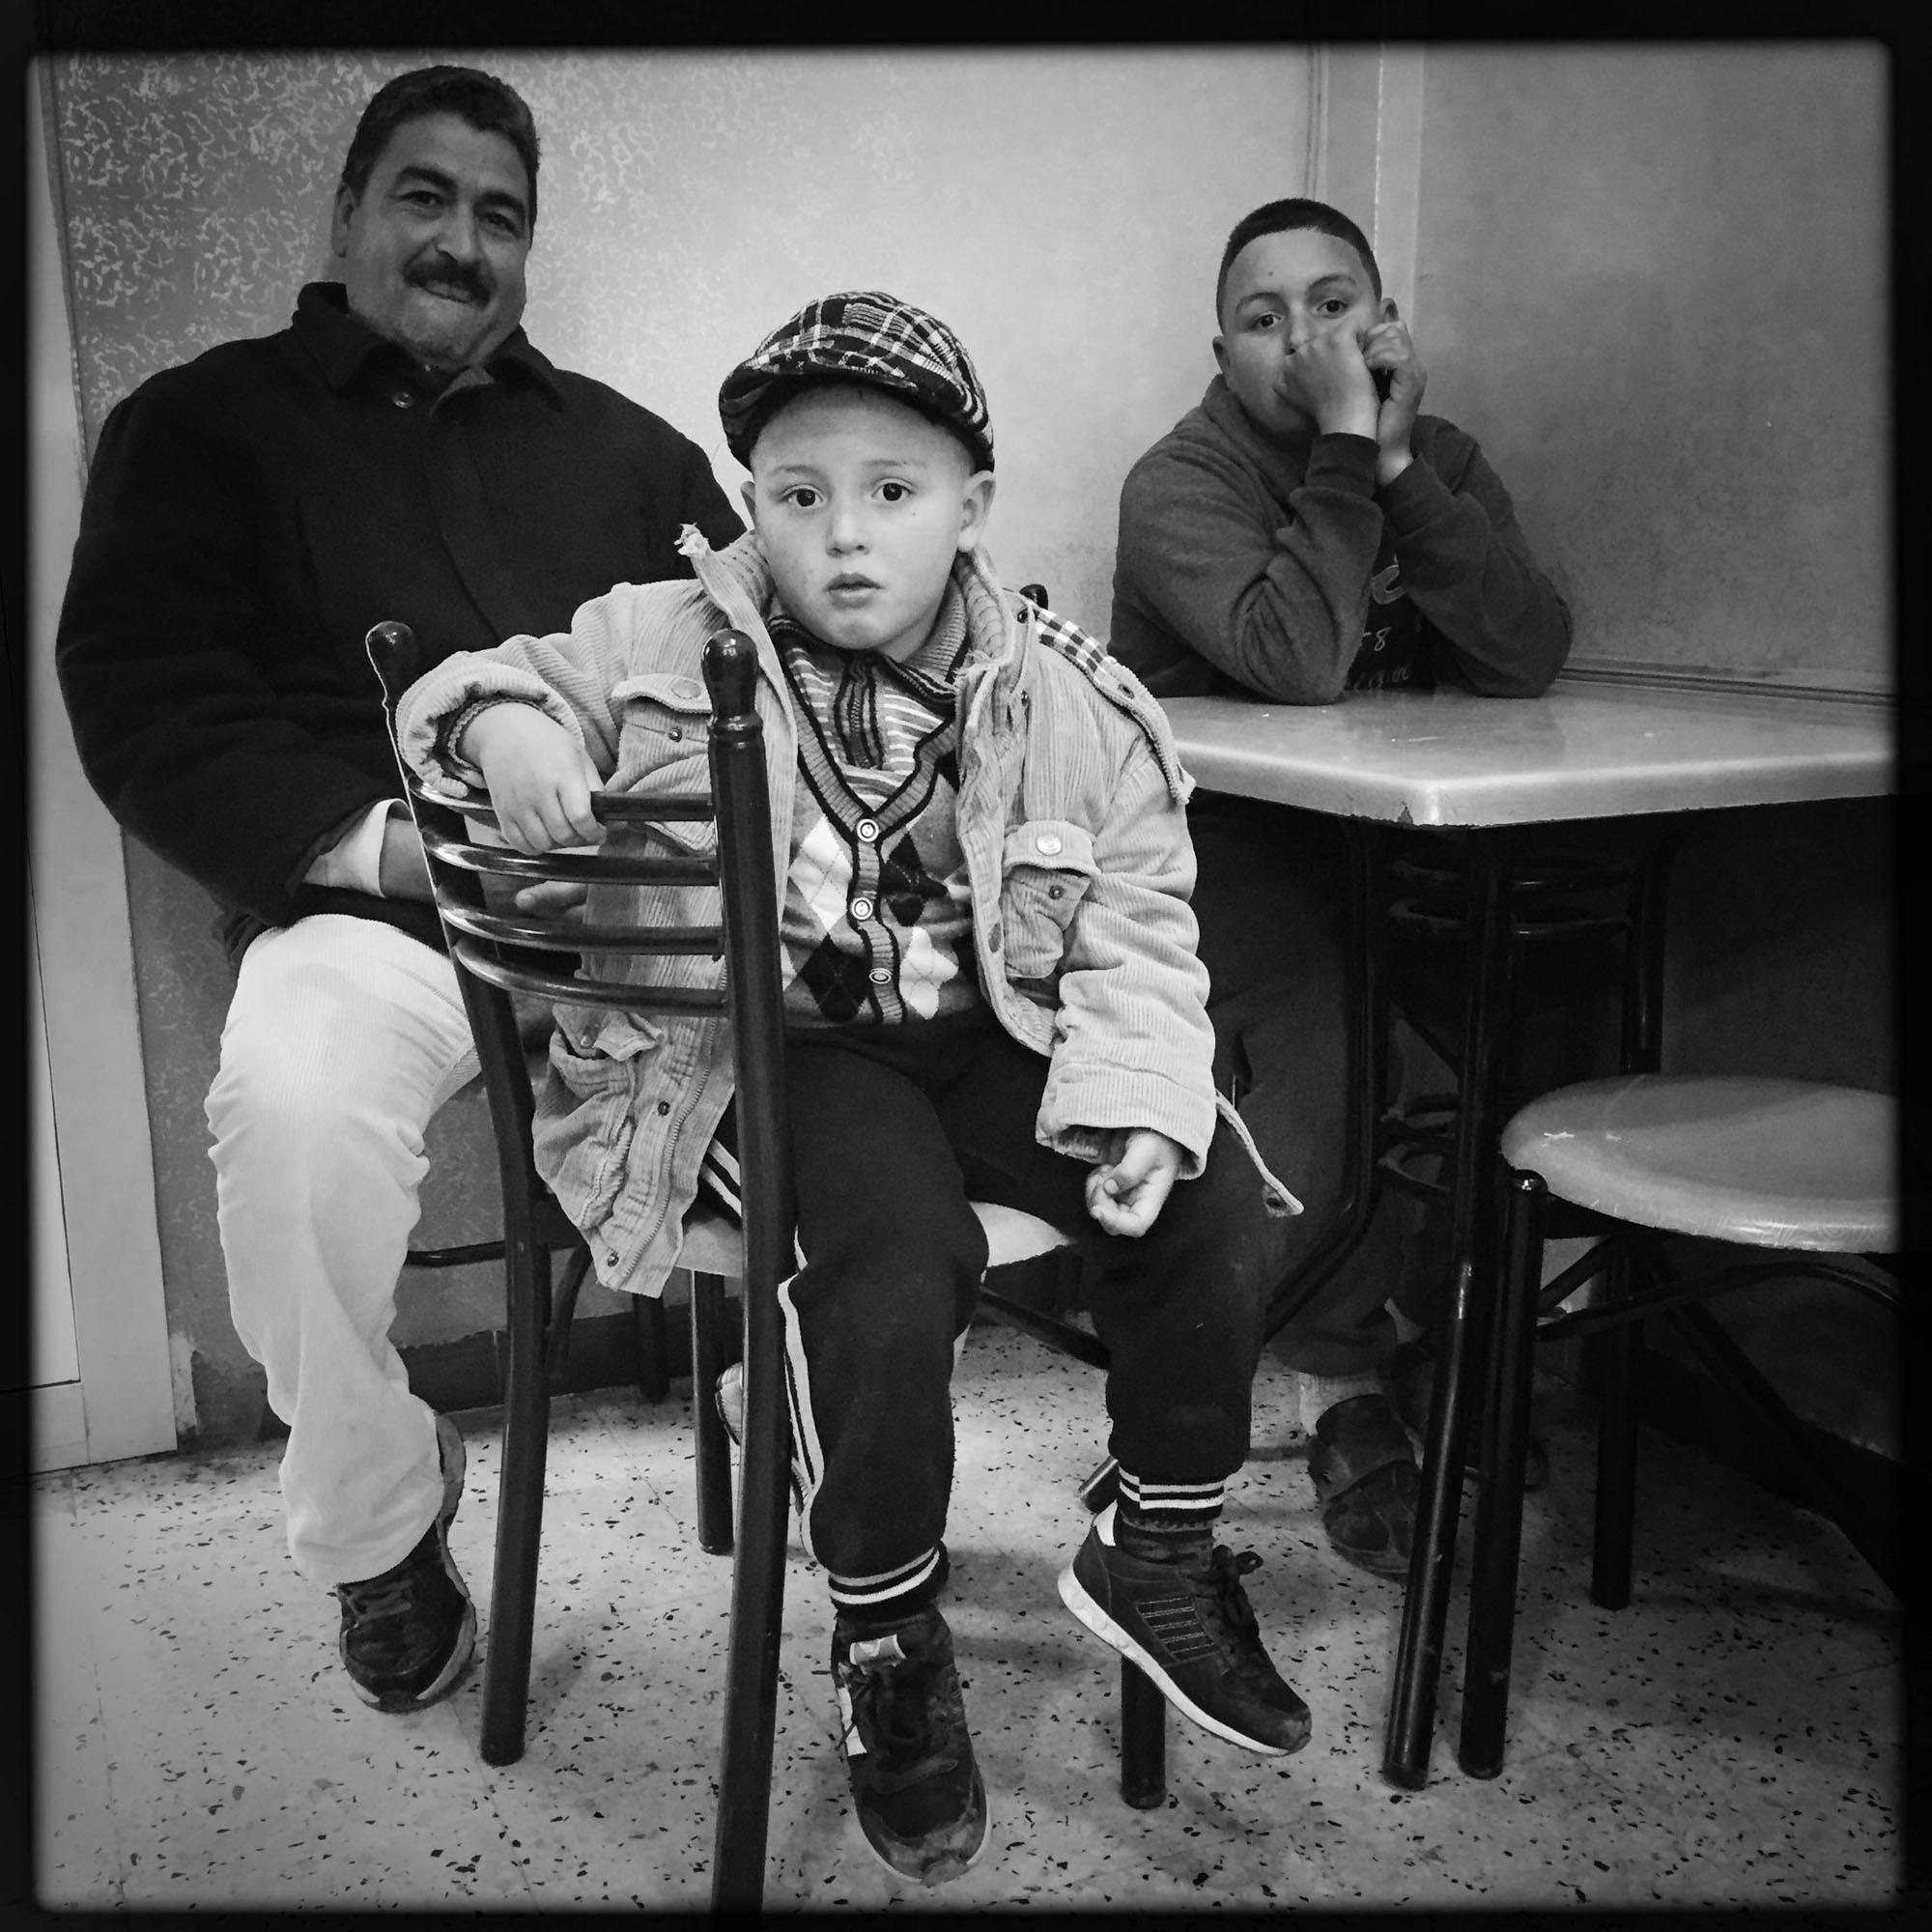 Un homme avec ses deux enfant attendent leur commande dans un restaurant. 13/02/2016, Kabylie-Algérie.